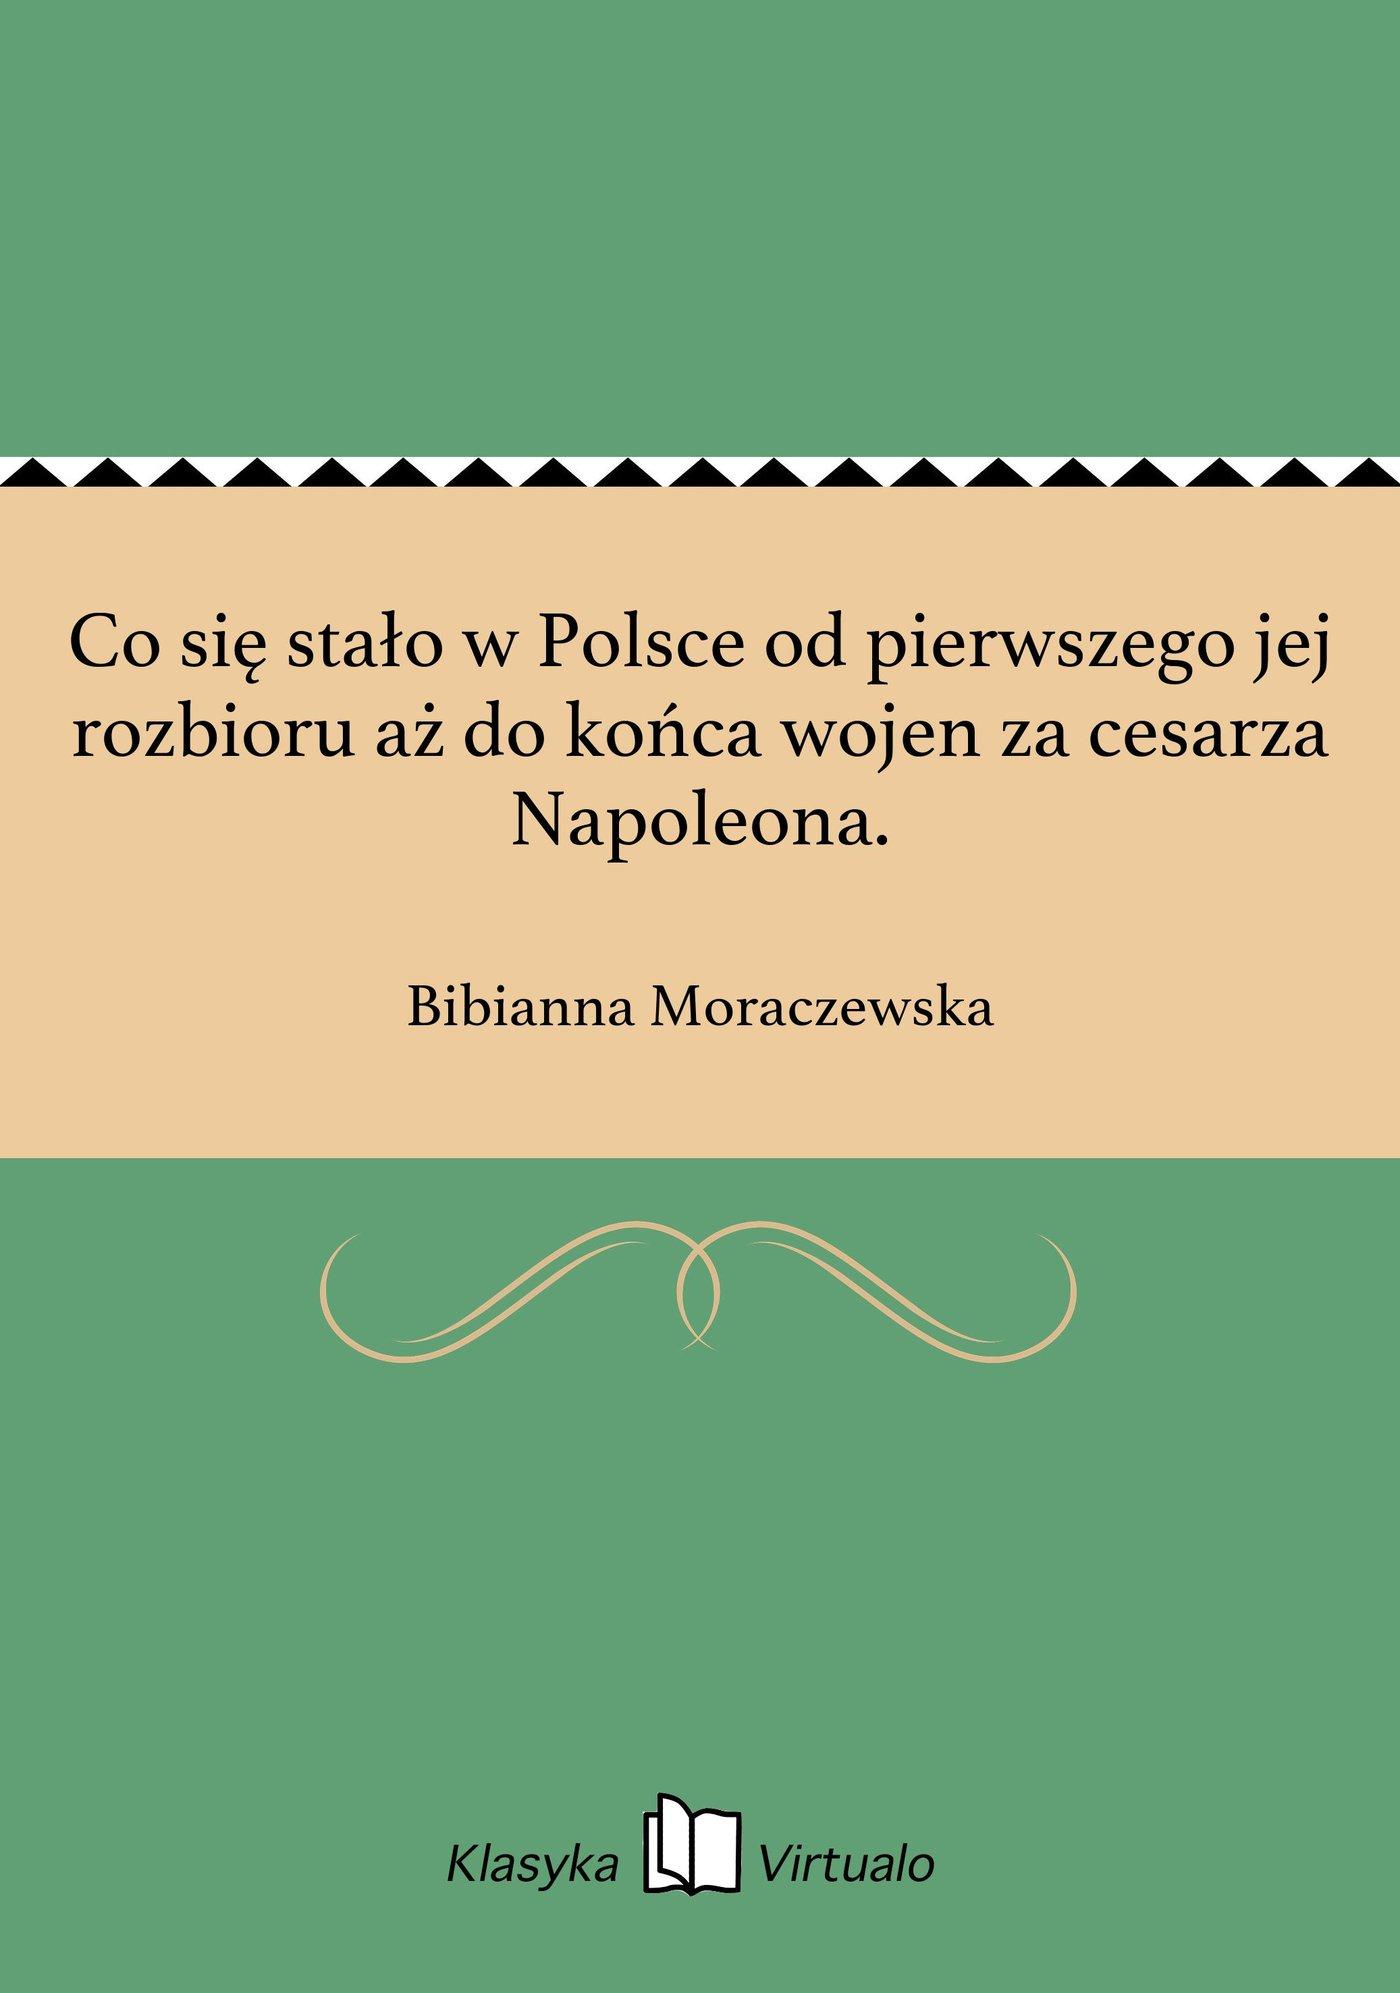 Co się stało w Polsce od pierwszego jej rozbioru aż do końca wojen za cesarza Napoleona. - Ebook (Książka EPUB) do pobrania w formacie EPUB